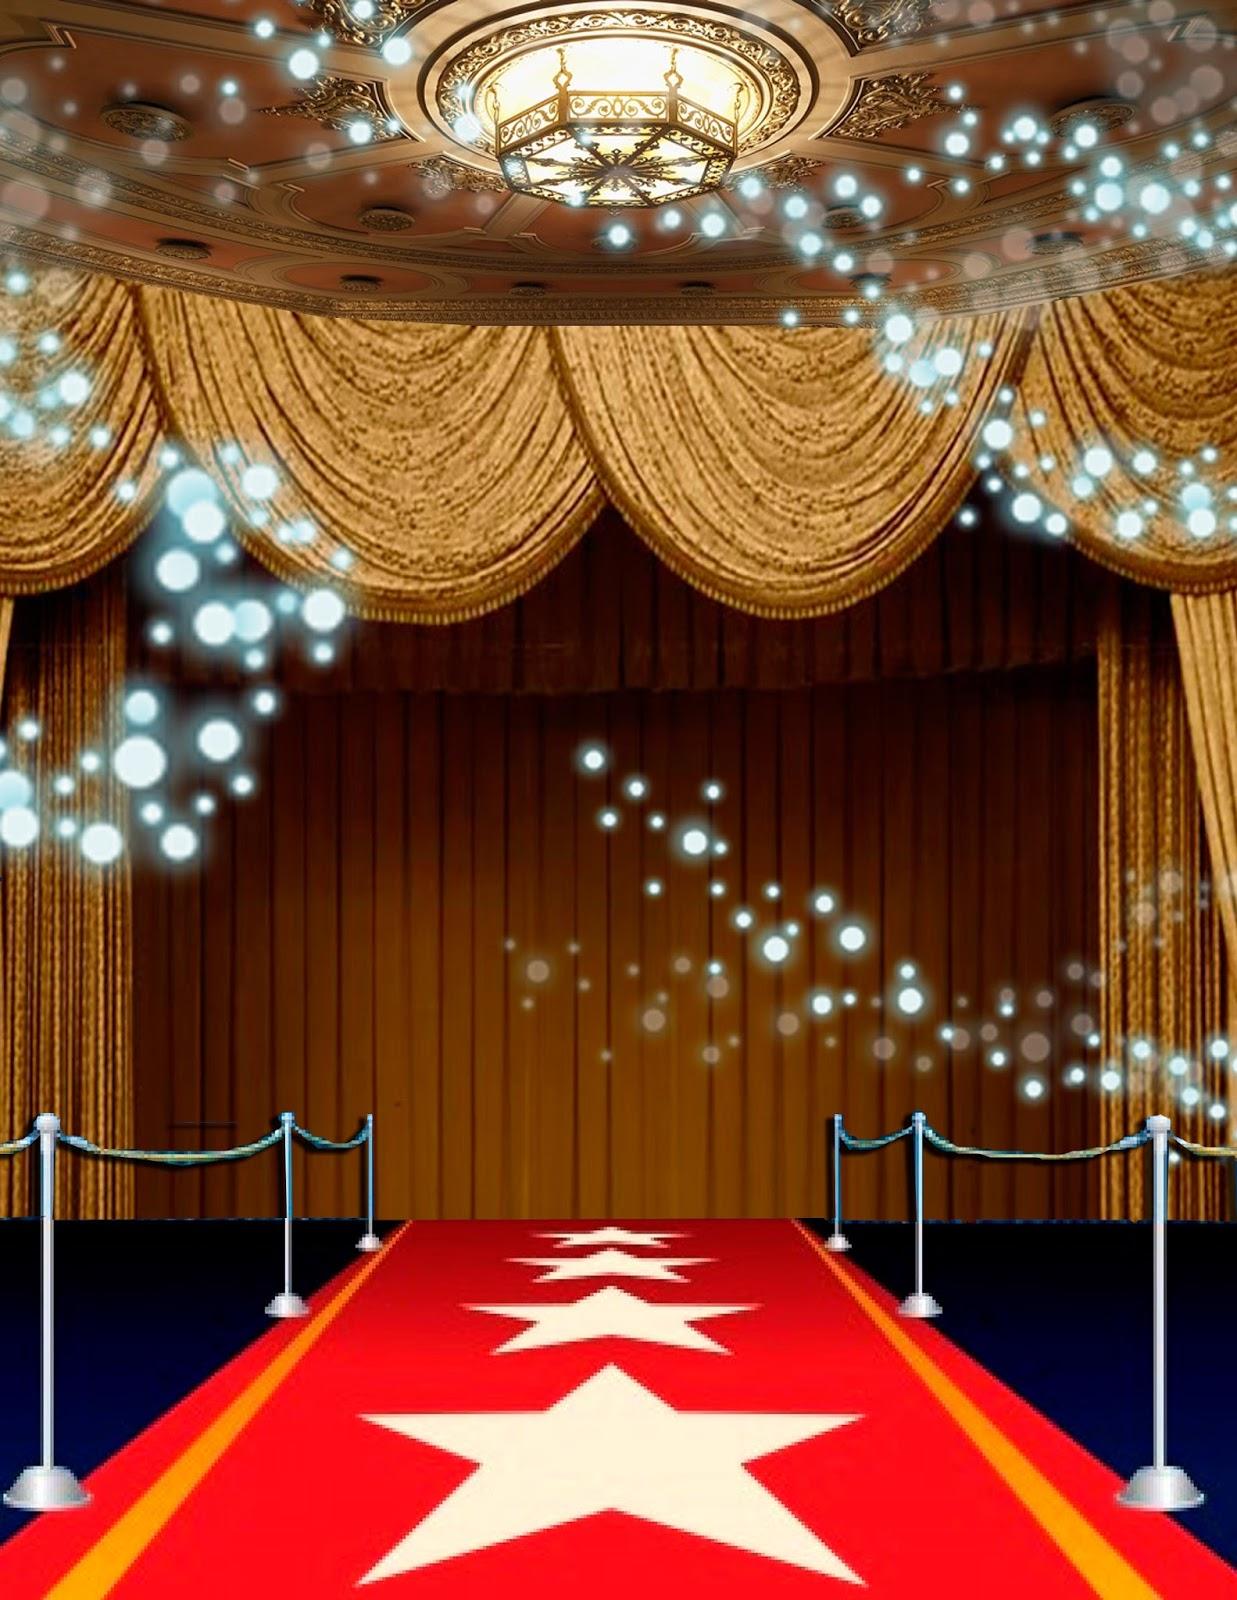 Tarjeta de invitaci n para 15 a os estilo alfombra roja for Todo tipo de alfombras